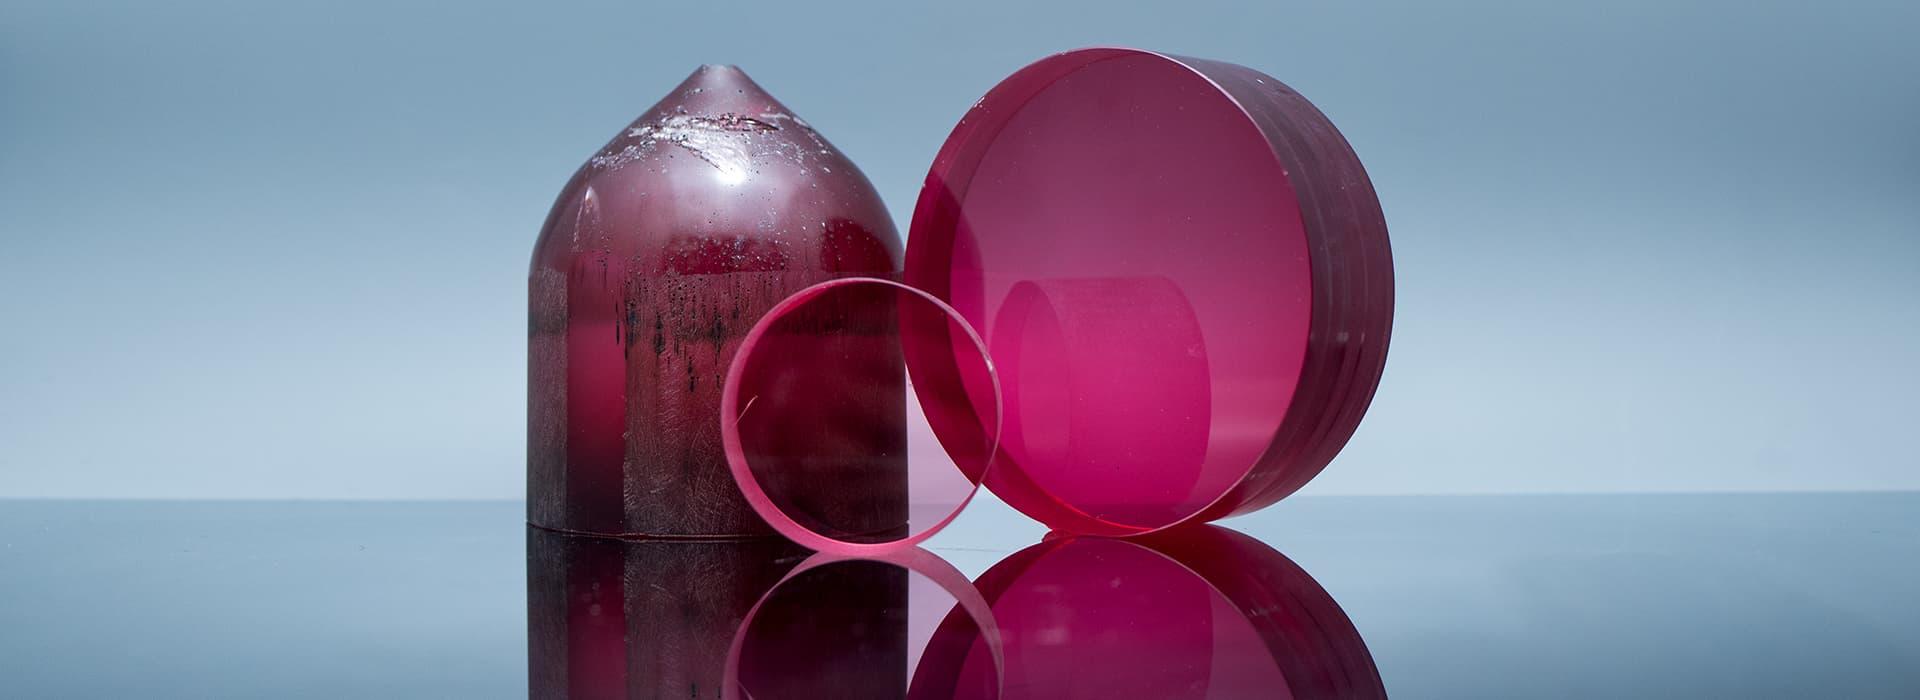 钛宝石激光晶体-南京光宝-CRYLINK